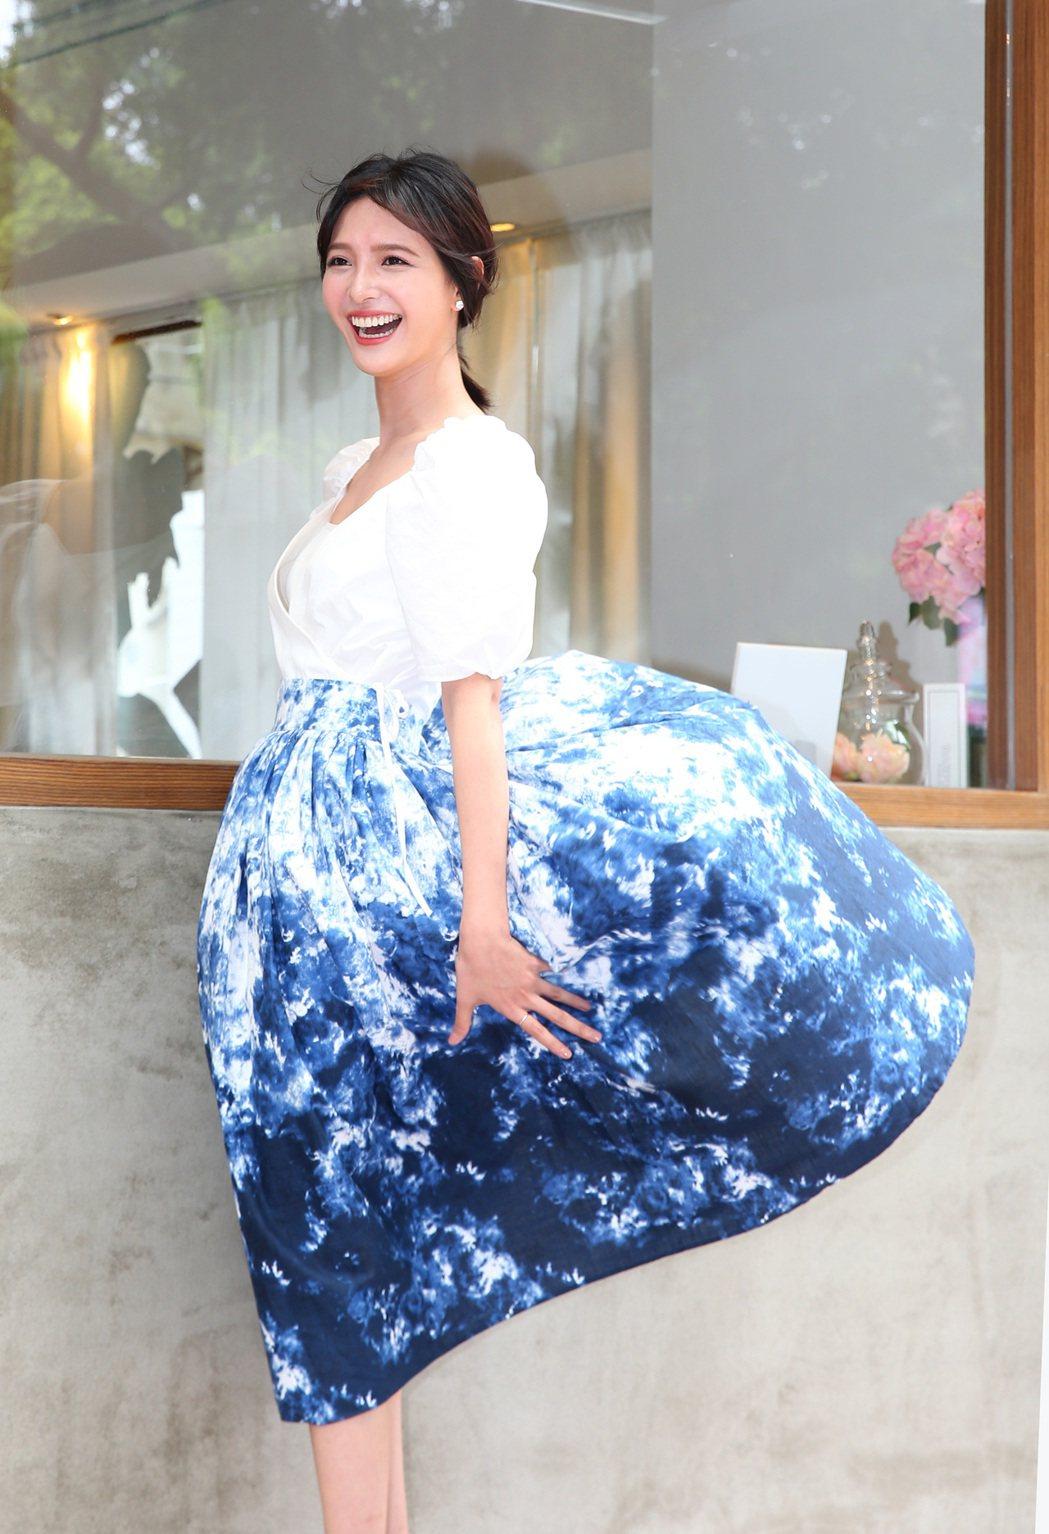 吳子霏拍攝時一陣風吹起長裙。記者林澔一/攝影